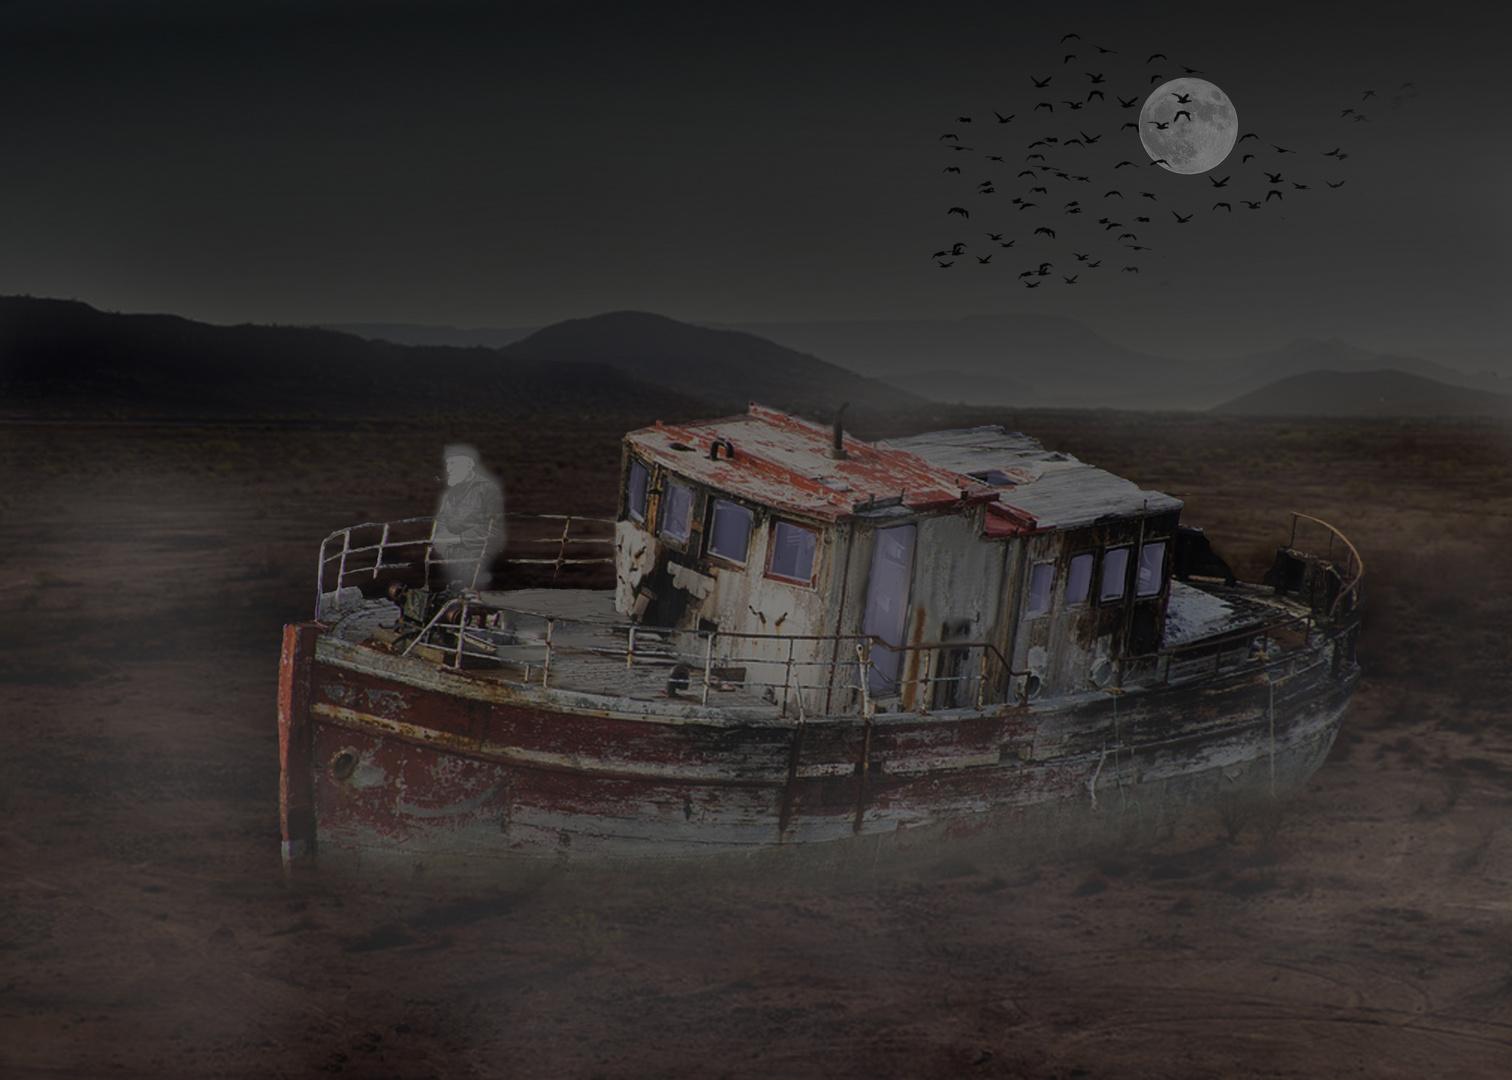 Le vieux bateau hanté par le fantome de son ancien capitaine ....